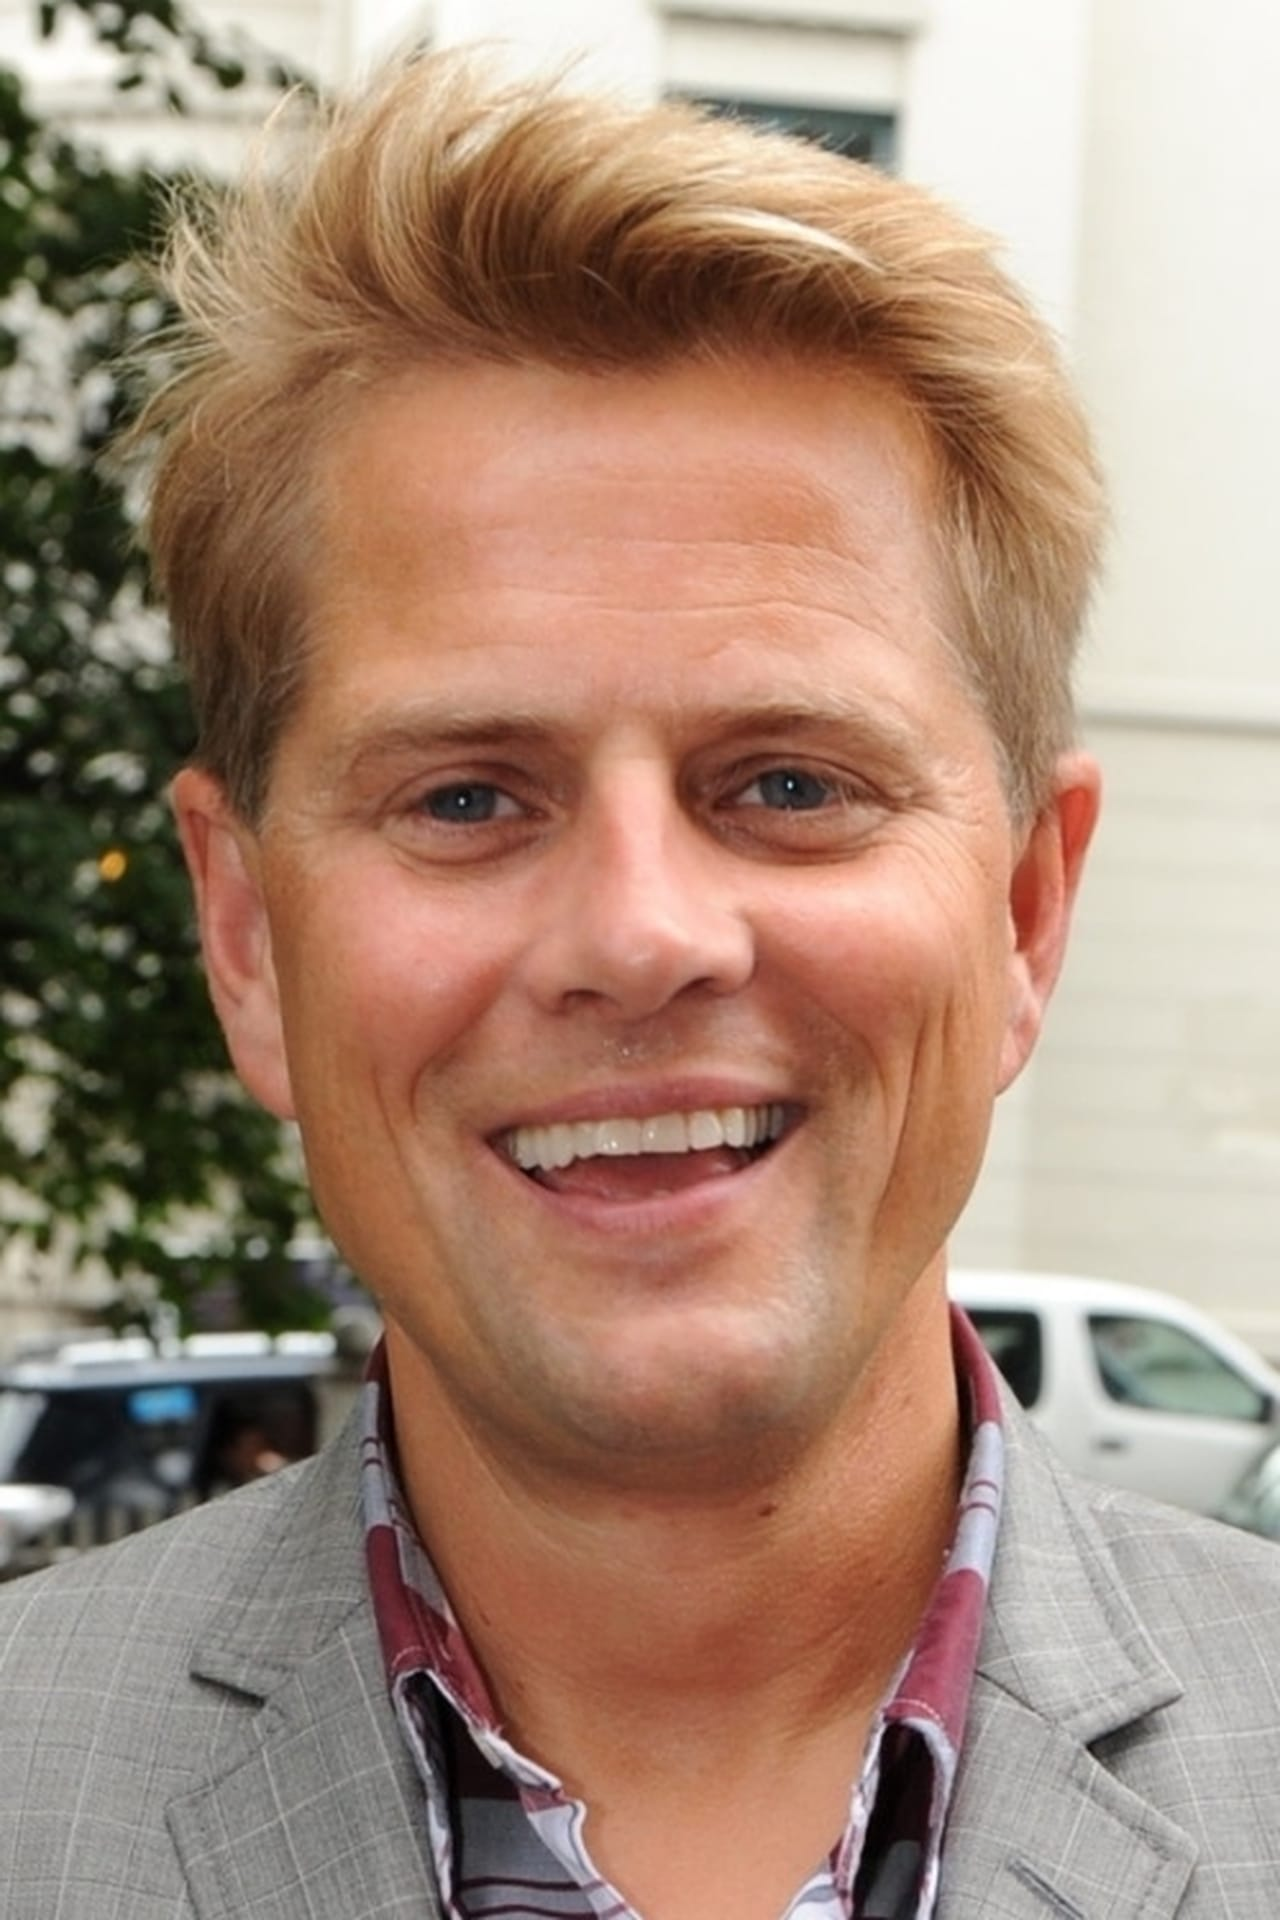 Robert Stoltenberg